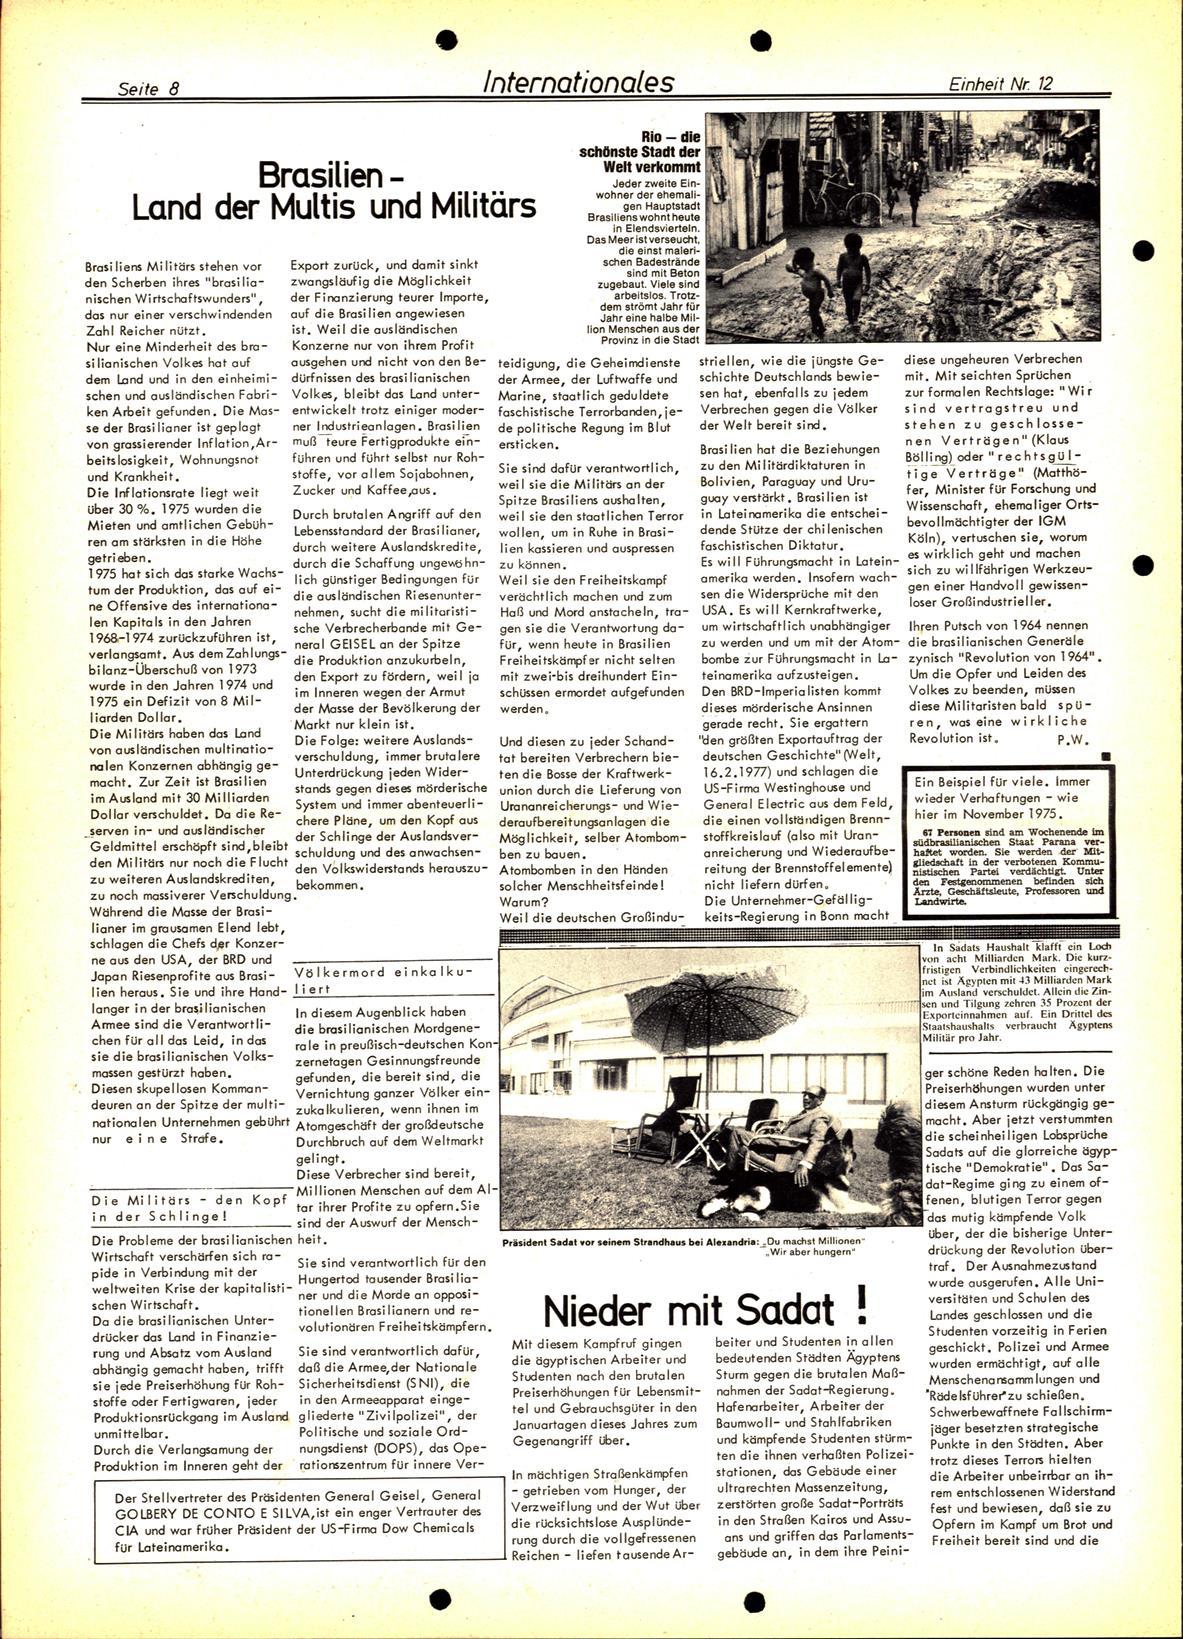 Koeln_IPdA_Einheit_1977_012_008